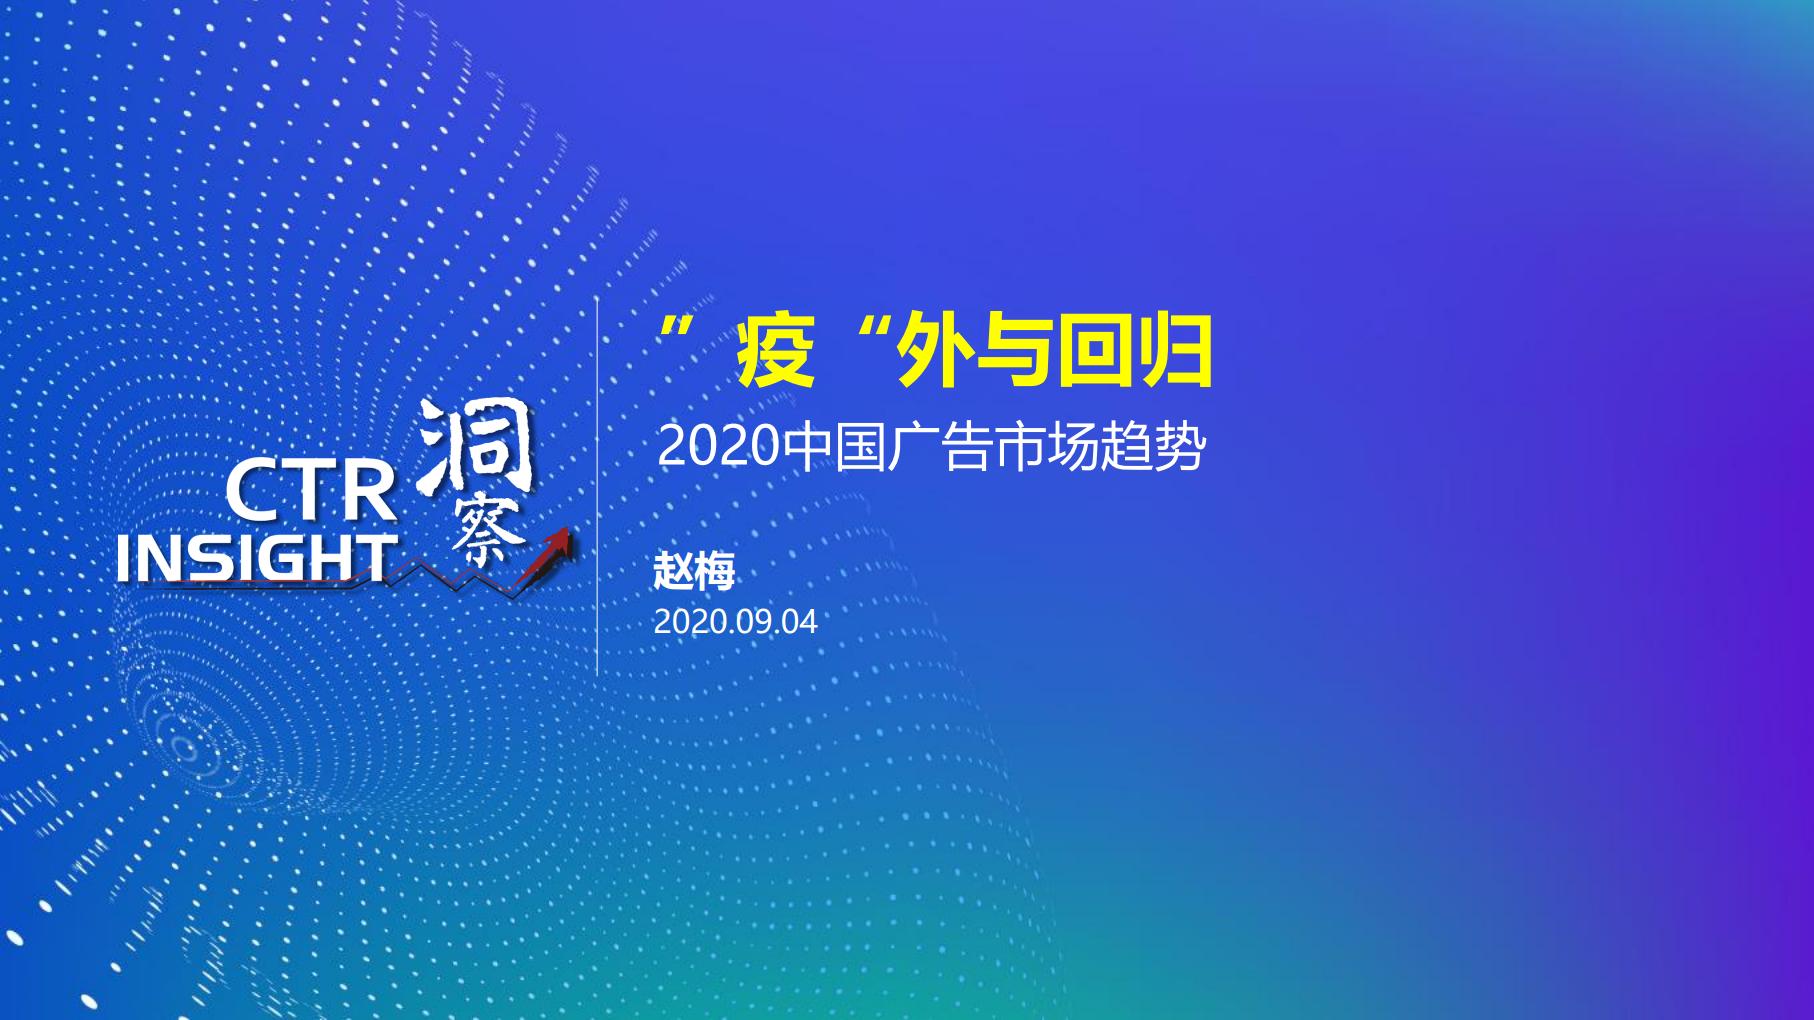 CTR:2020中国广告市场趋势报告(附下载)